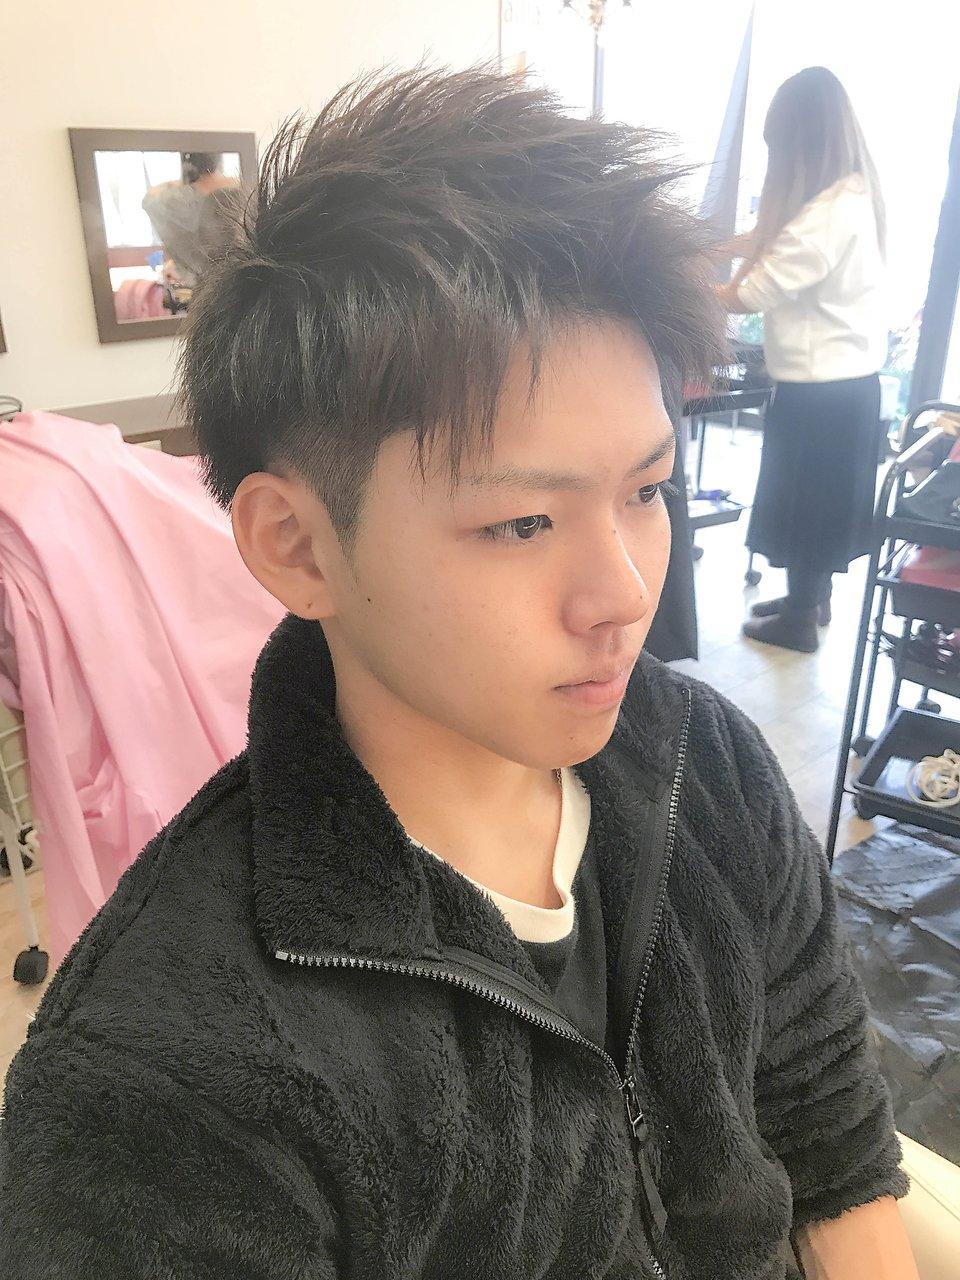 中学生 男子 髪型 【2021最新】悩める中学生男子の願いをすべてかなえる、おすすめヘア...